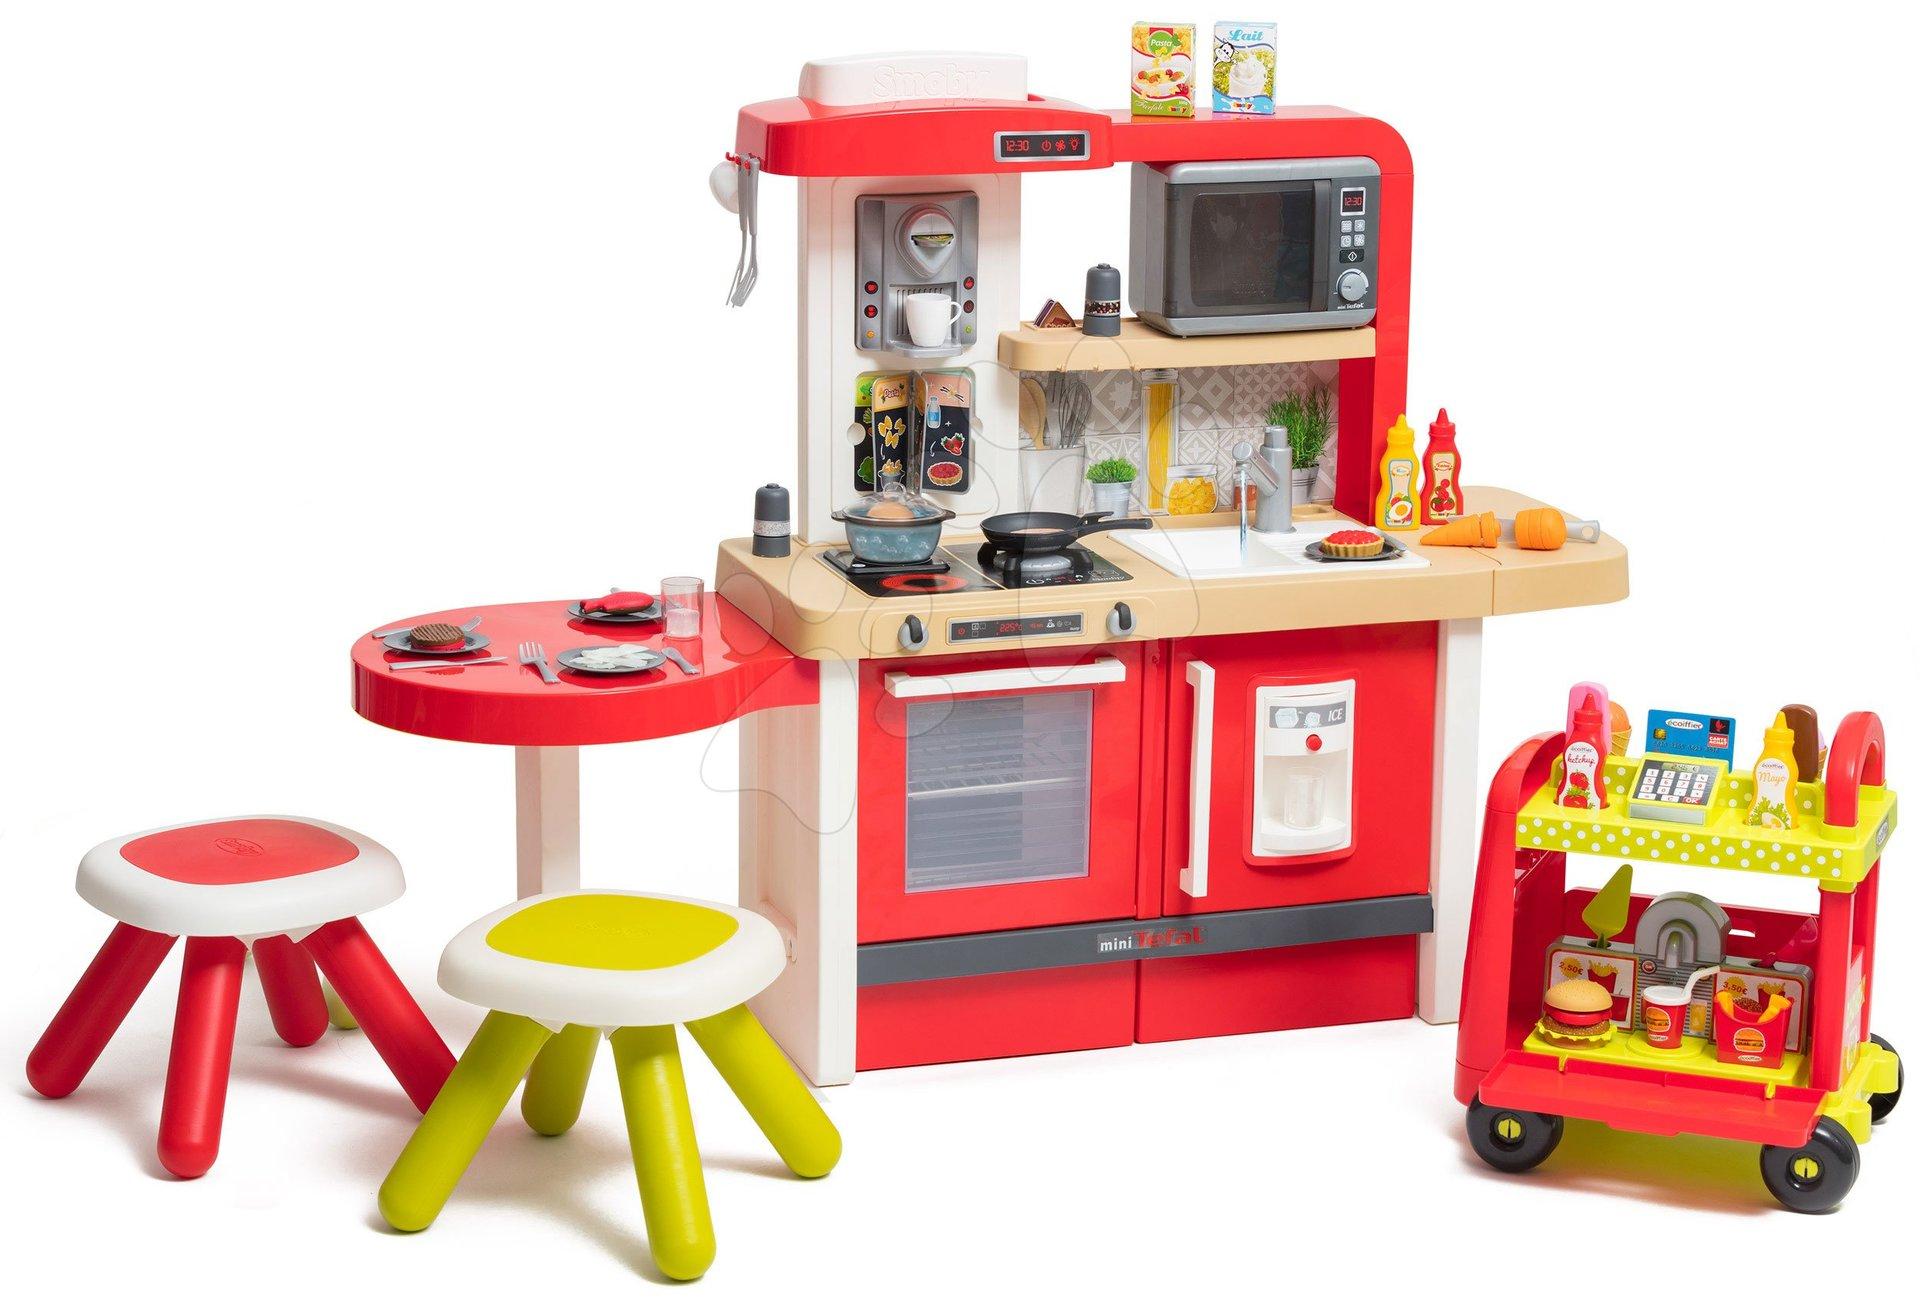 Kuchynka rastúca s tečúcou vodou a mikrovlnkou Tefal Evolutive Gourment Smoby dva stolčeky a vozík s hamburgermi